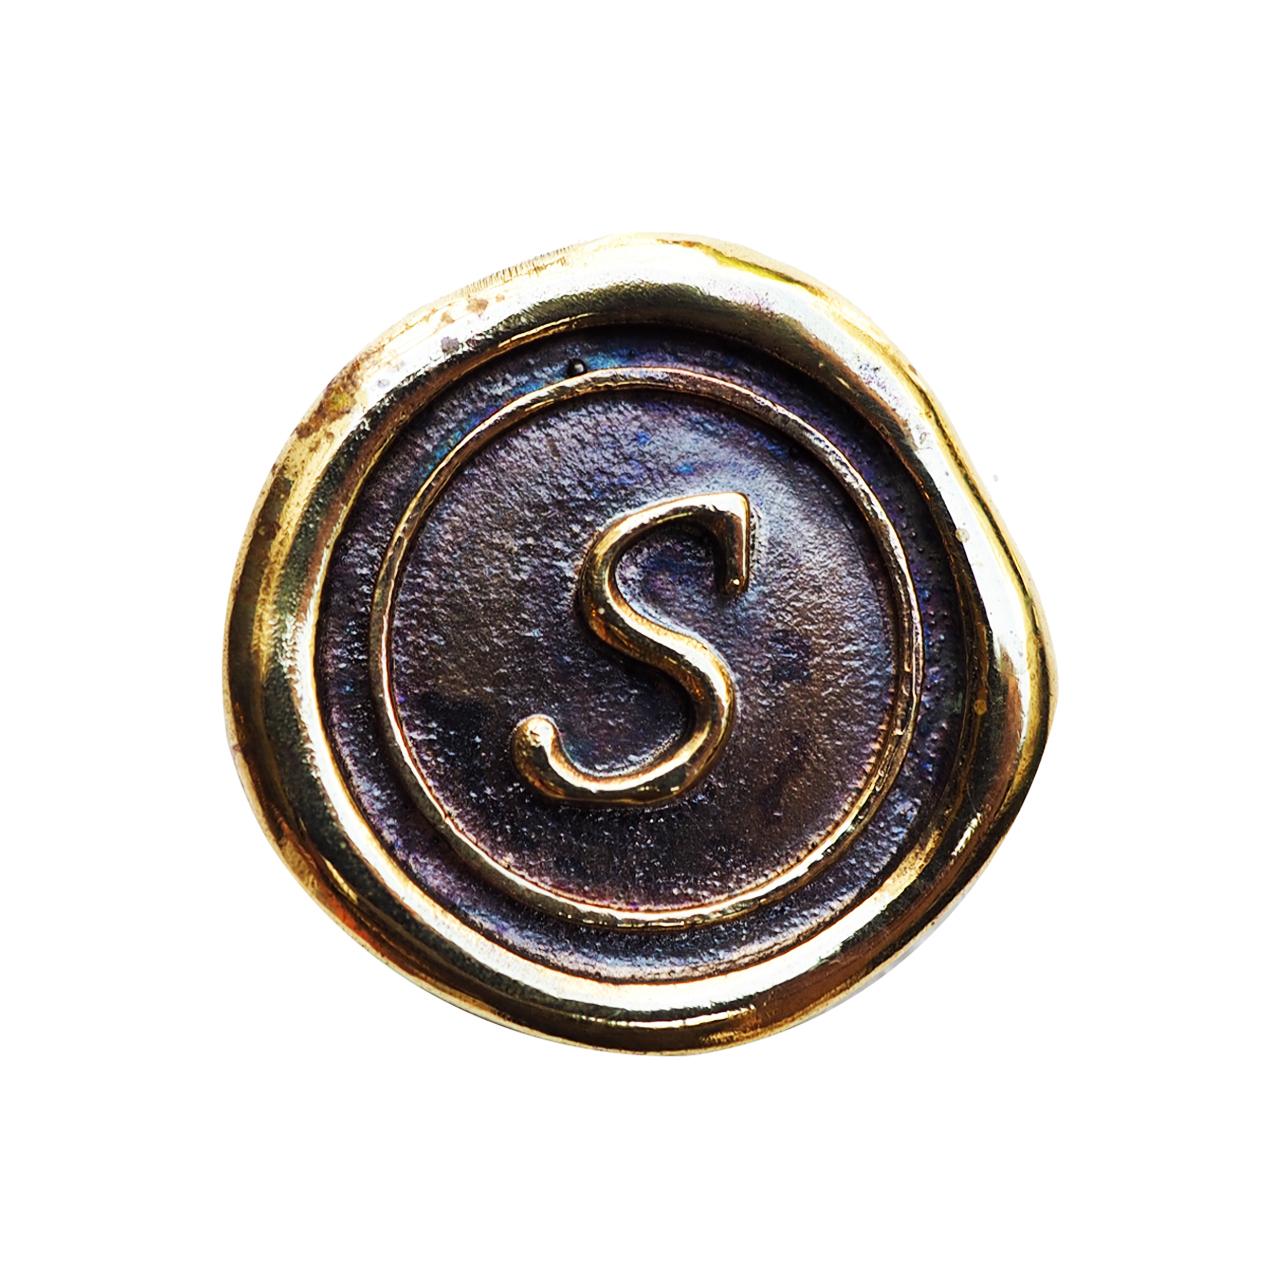 シーリングイニシャル S 〈S〉 ブラス / コンチョボタン